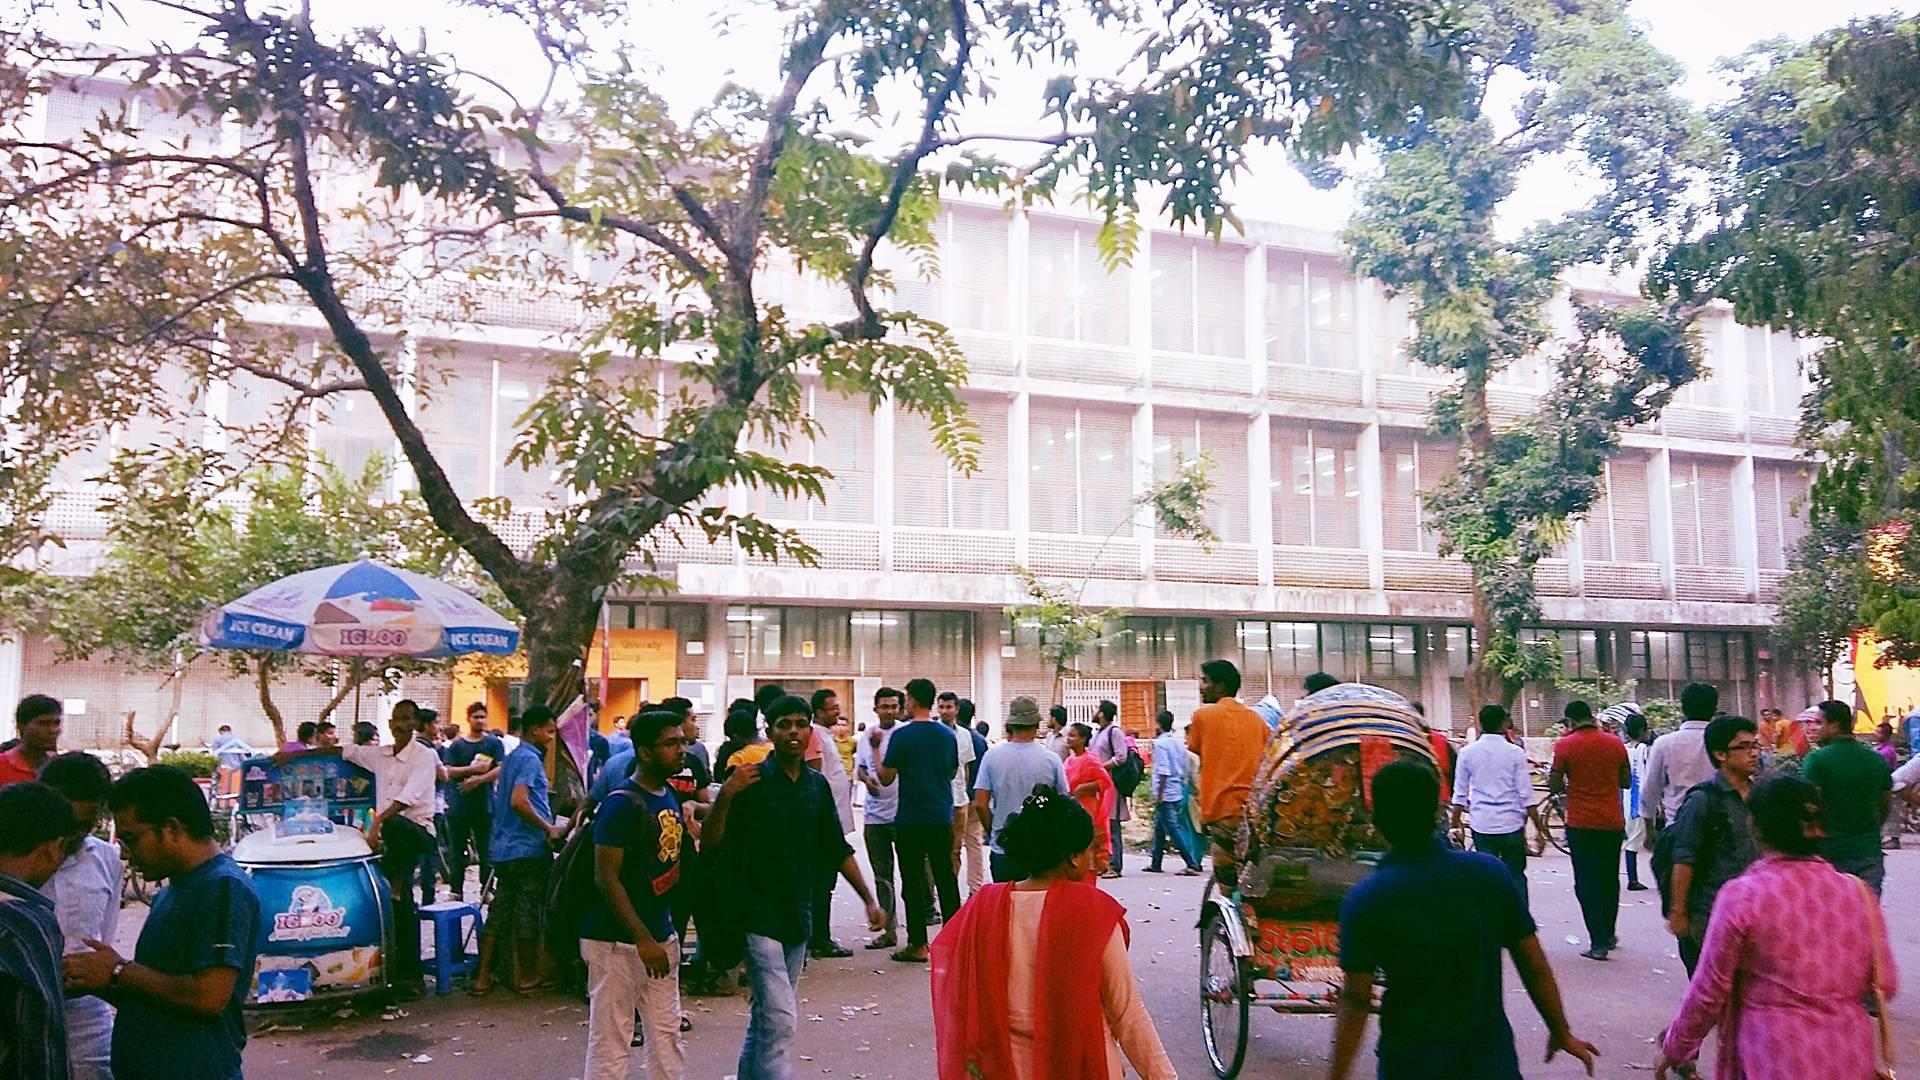 ৩৬তম বিসিএসের ফল প্রকাশ, ঢাকা বিশ্ববিদ্যালয়ে উল্লাস